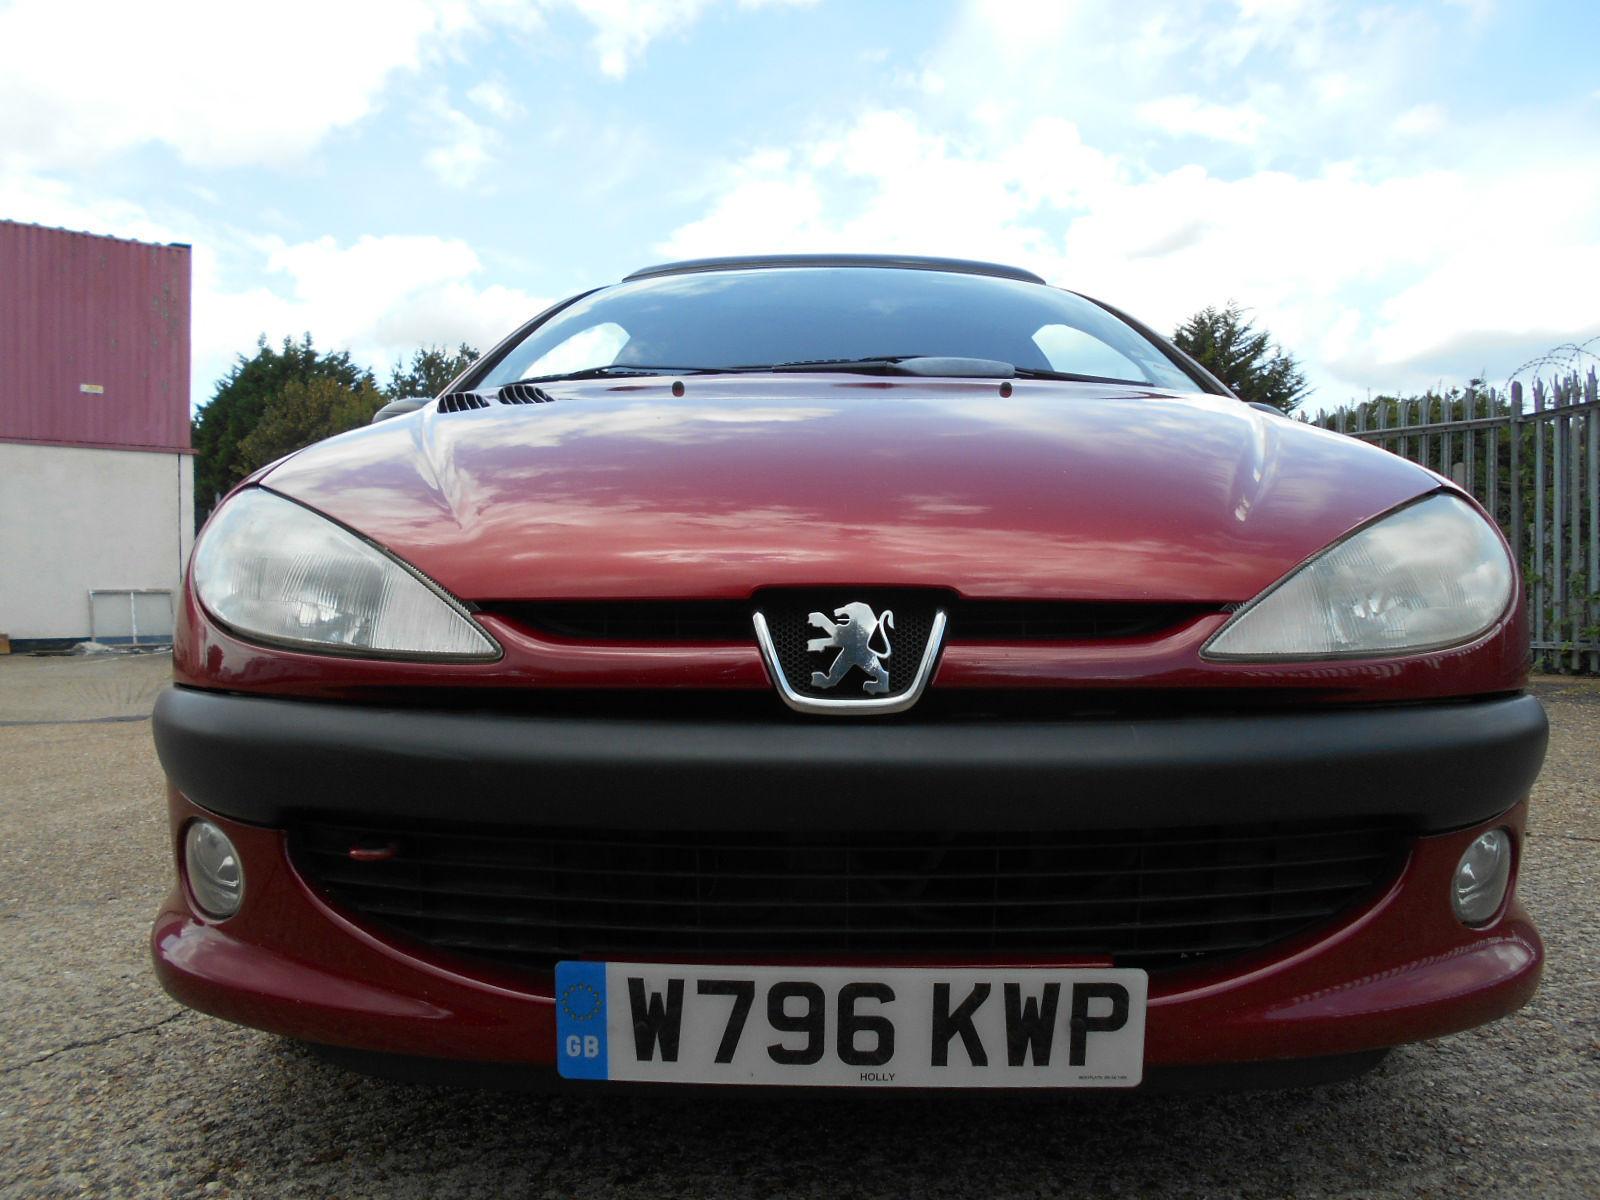 Peugeot 206 front.JPG